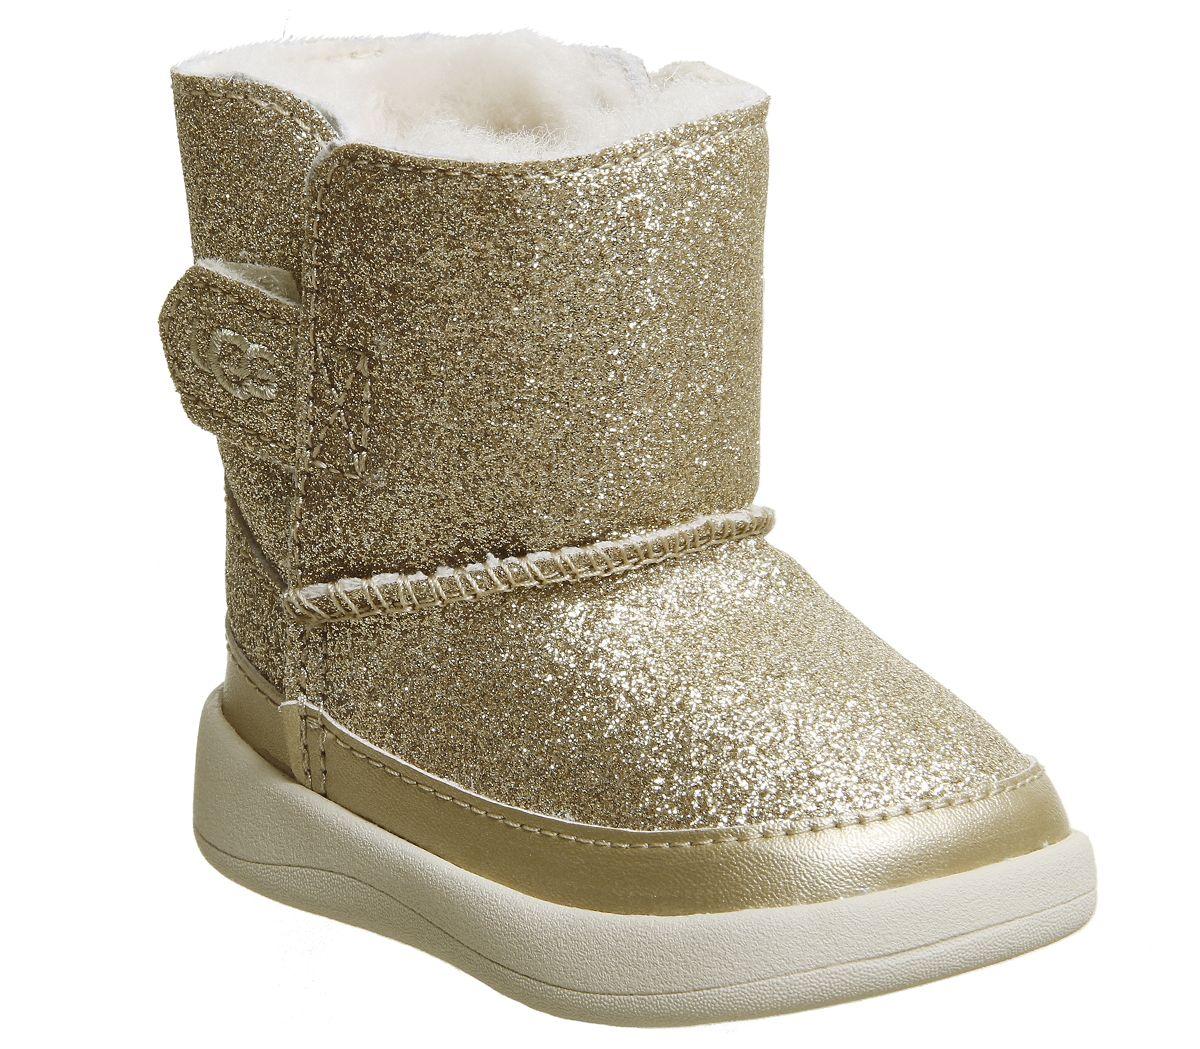 cfe6b3a31bb Keelan Boots